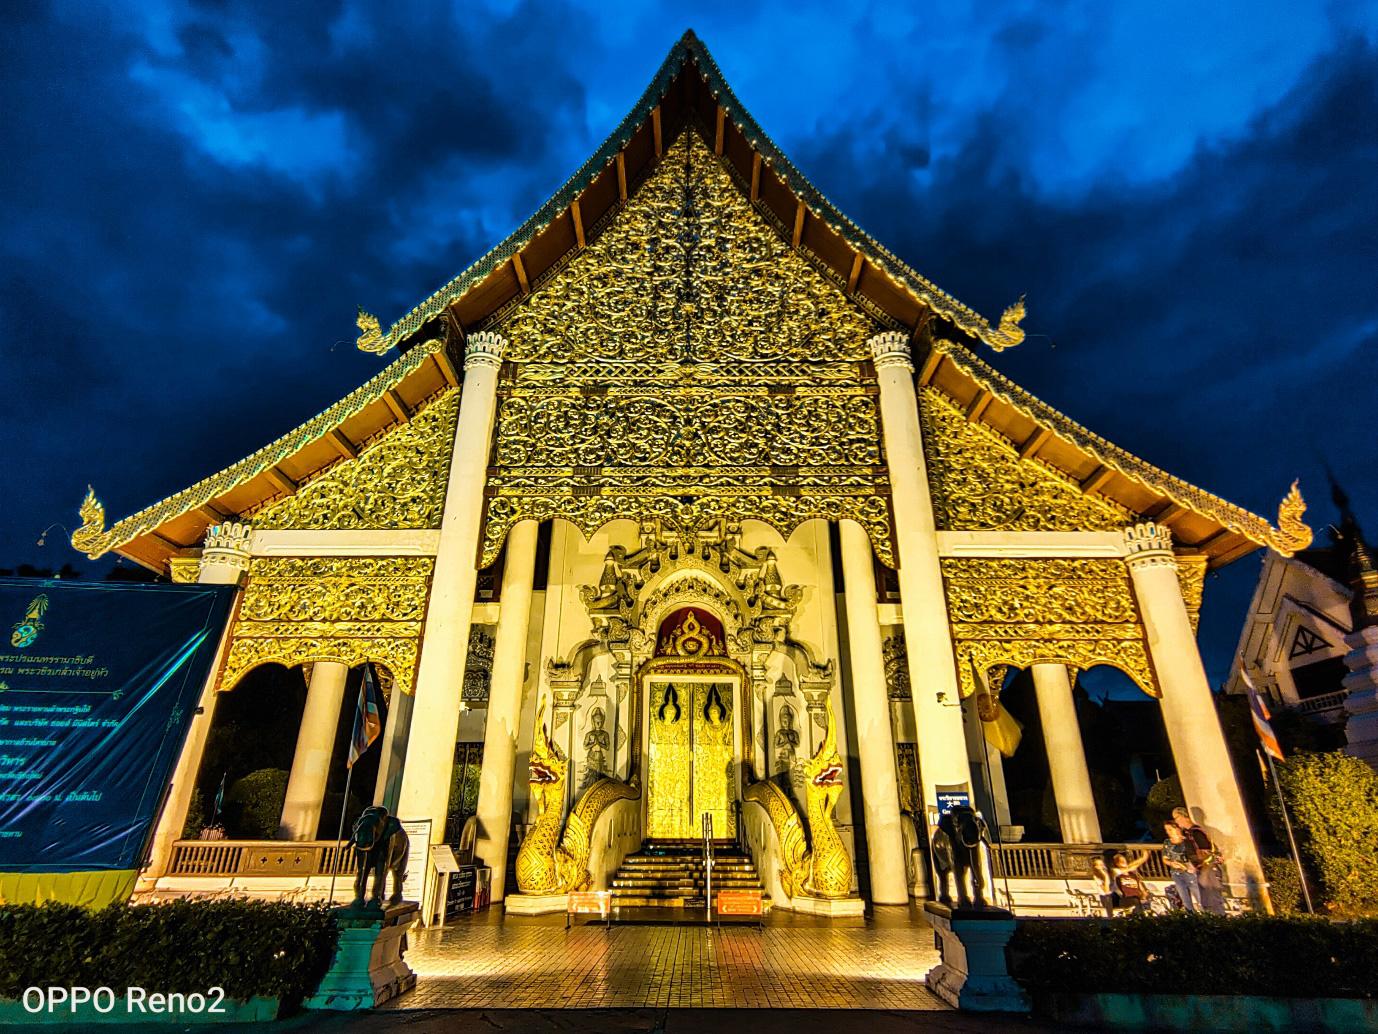 Khám phá vẻ đẹp cổ kính và thanh bình của Chiang Mai qua ống kính OPPO Reno2 - Ảnh 4.